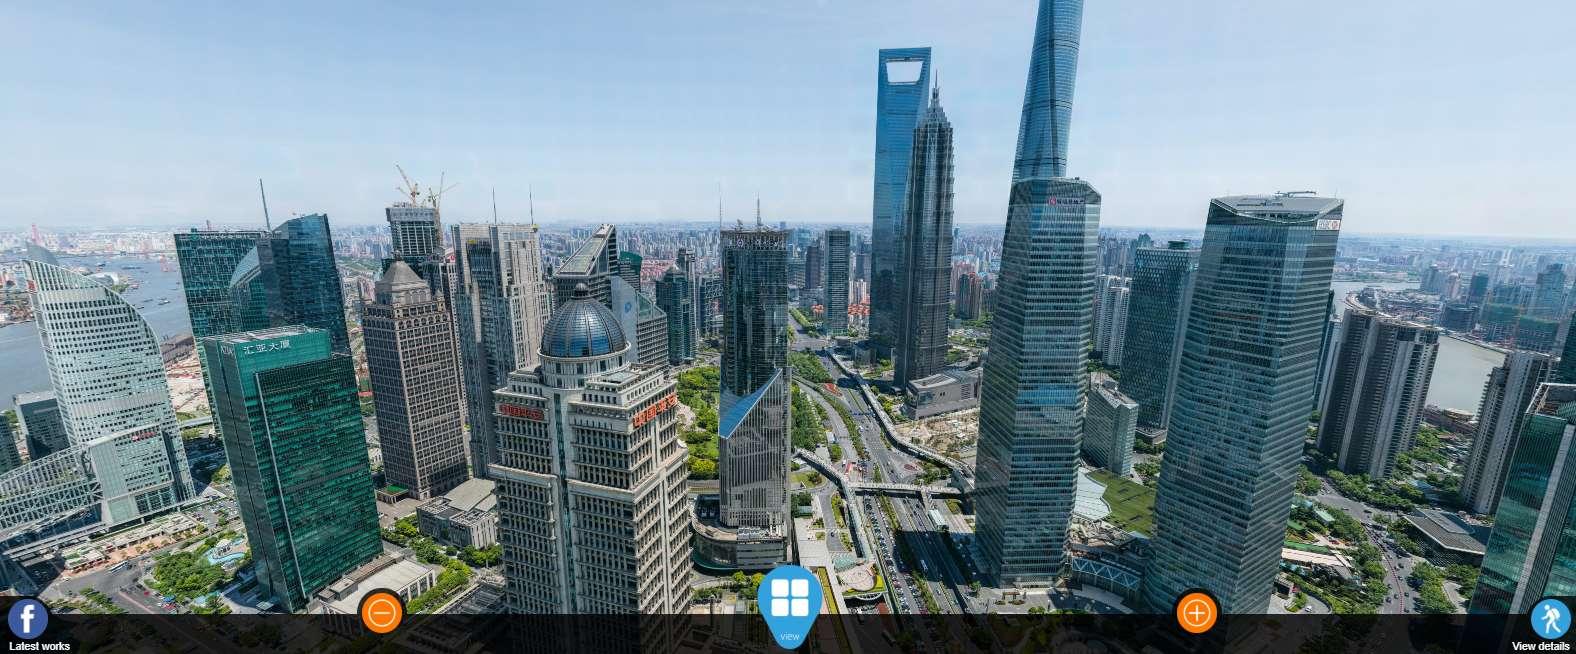 Une société chinoise appelée Big Pixel a créé une photographie panoramique de la ville de Shanghaï avec une résolution de 195 gigapixels. © Big Pixel